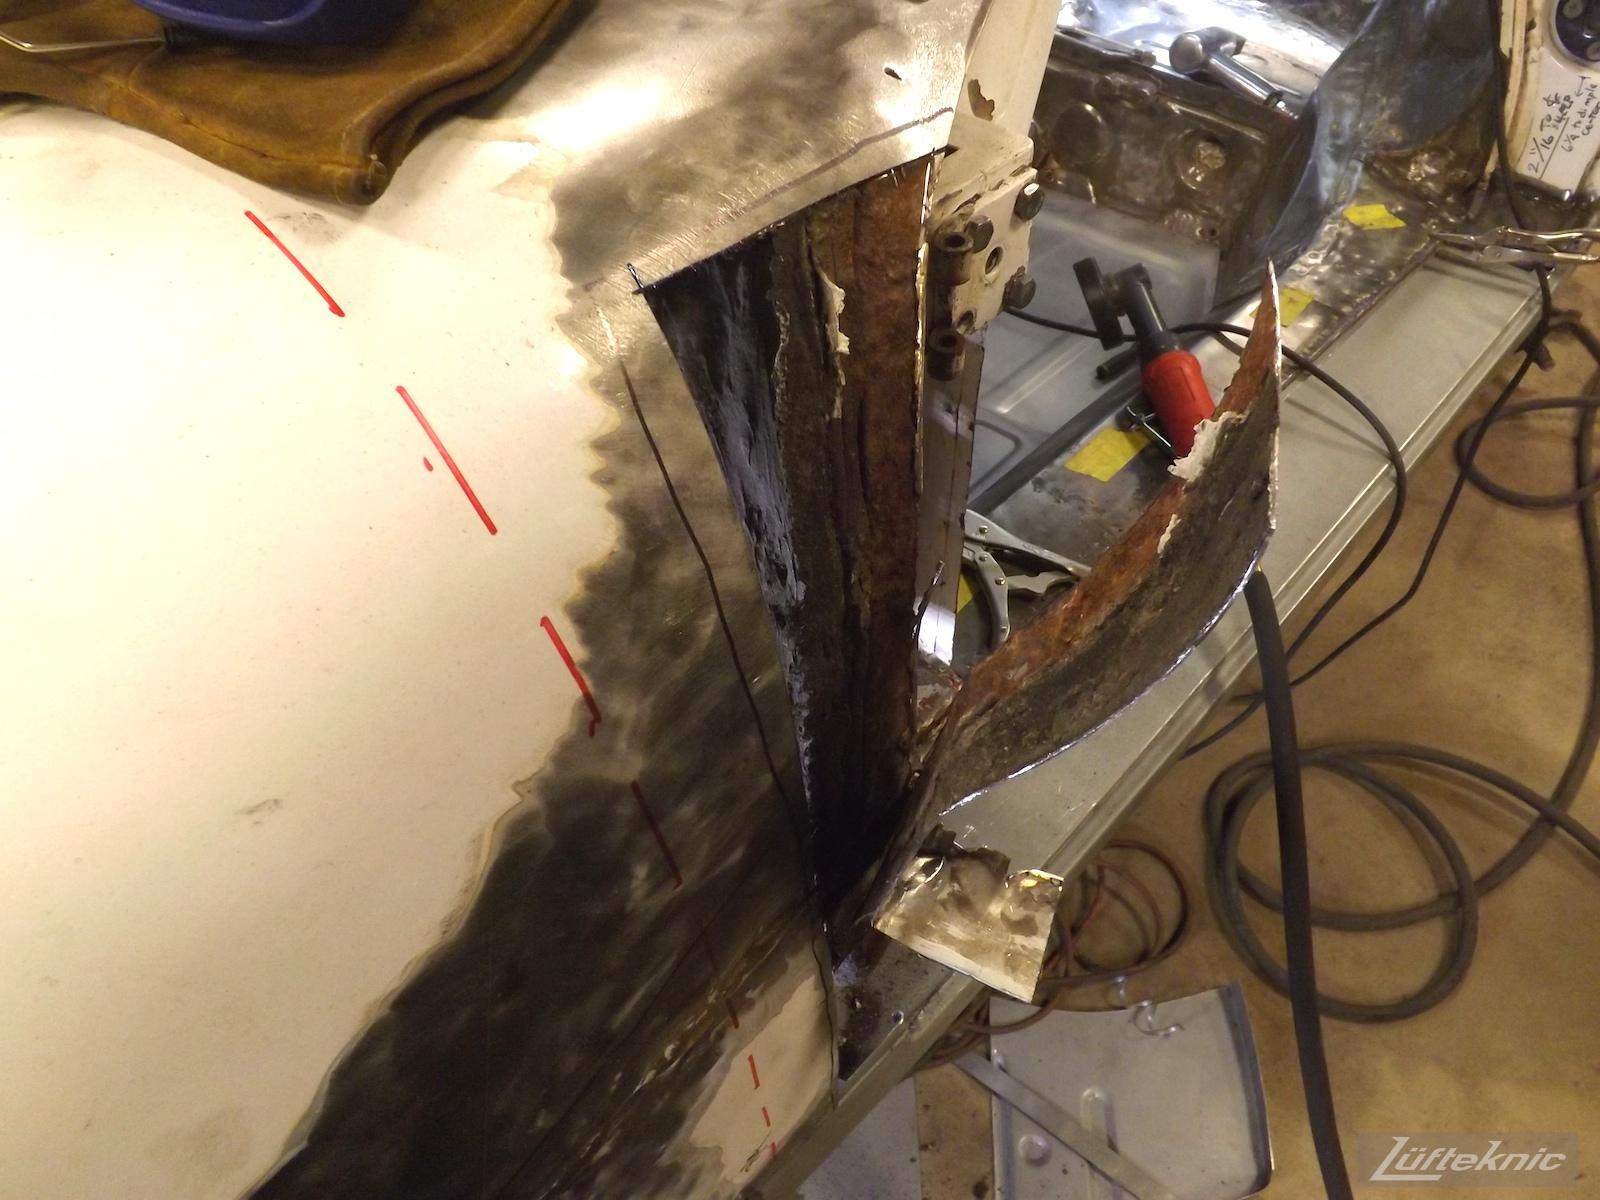 Rust under body panel on a White 1964 Porsche 356SC being restored.